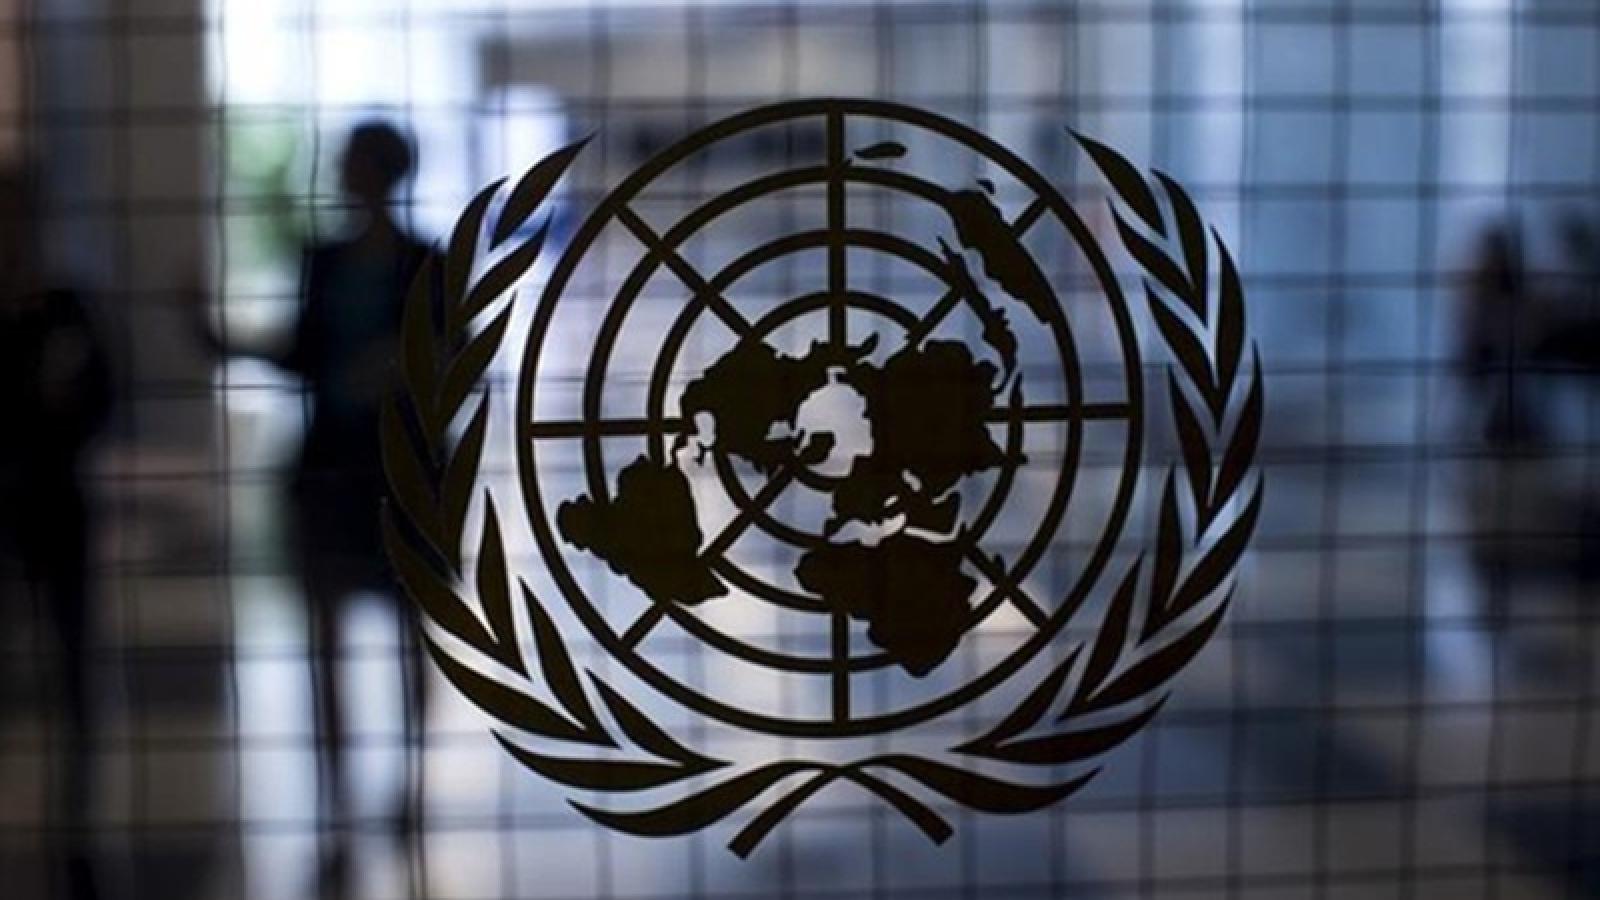 Hội đồng Bảo an lần đầu tiên họp trực tiếp trở lại kể từ tháng 3/2020